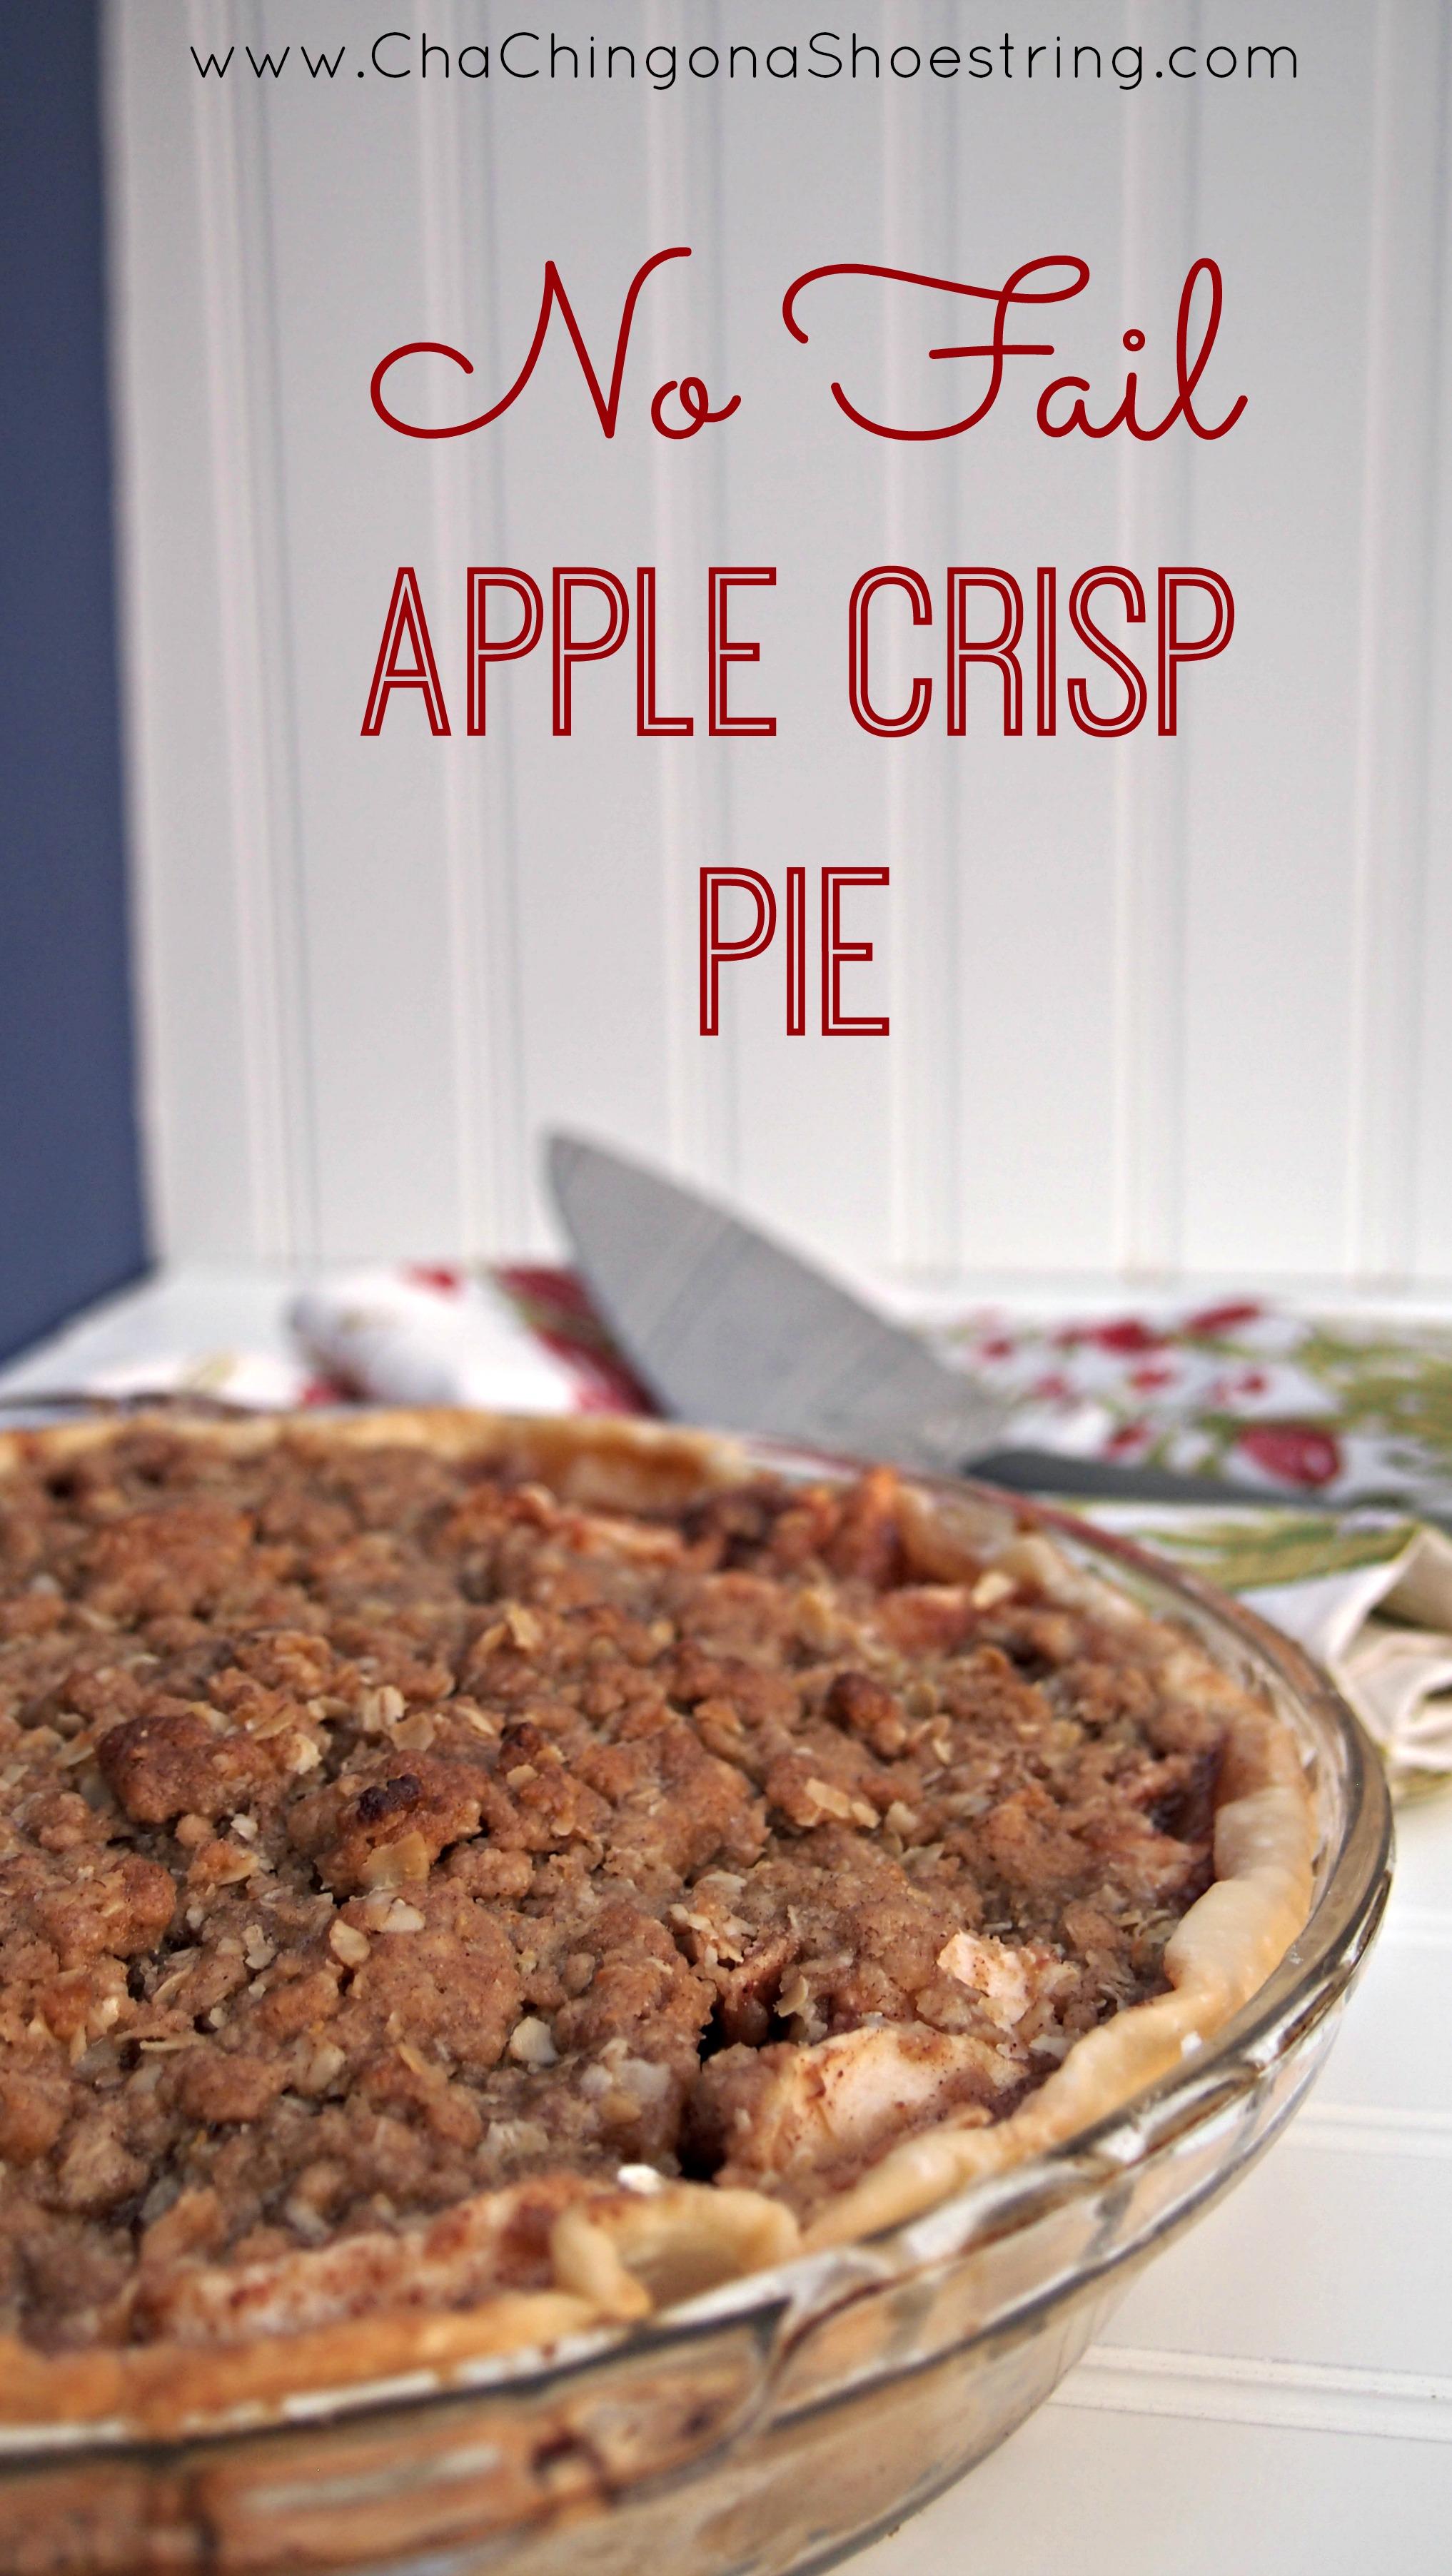 No Fail Apple Crisp Pie Recipe - Apple Crisp Pie Recipe with Oats